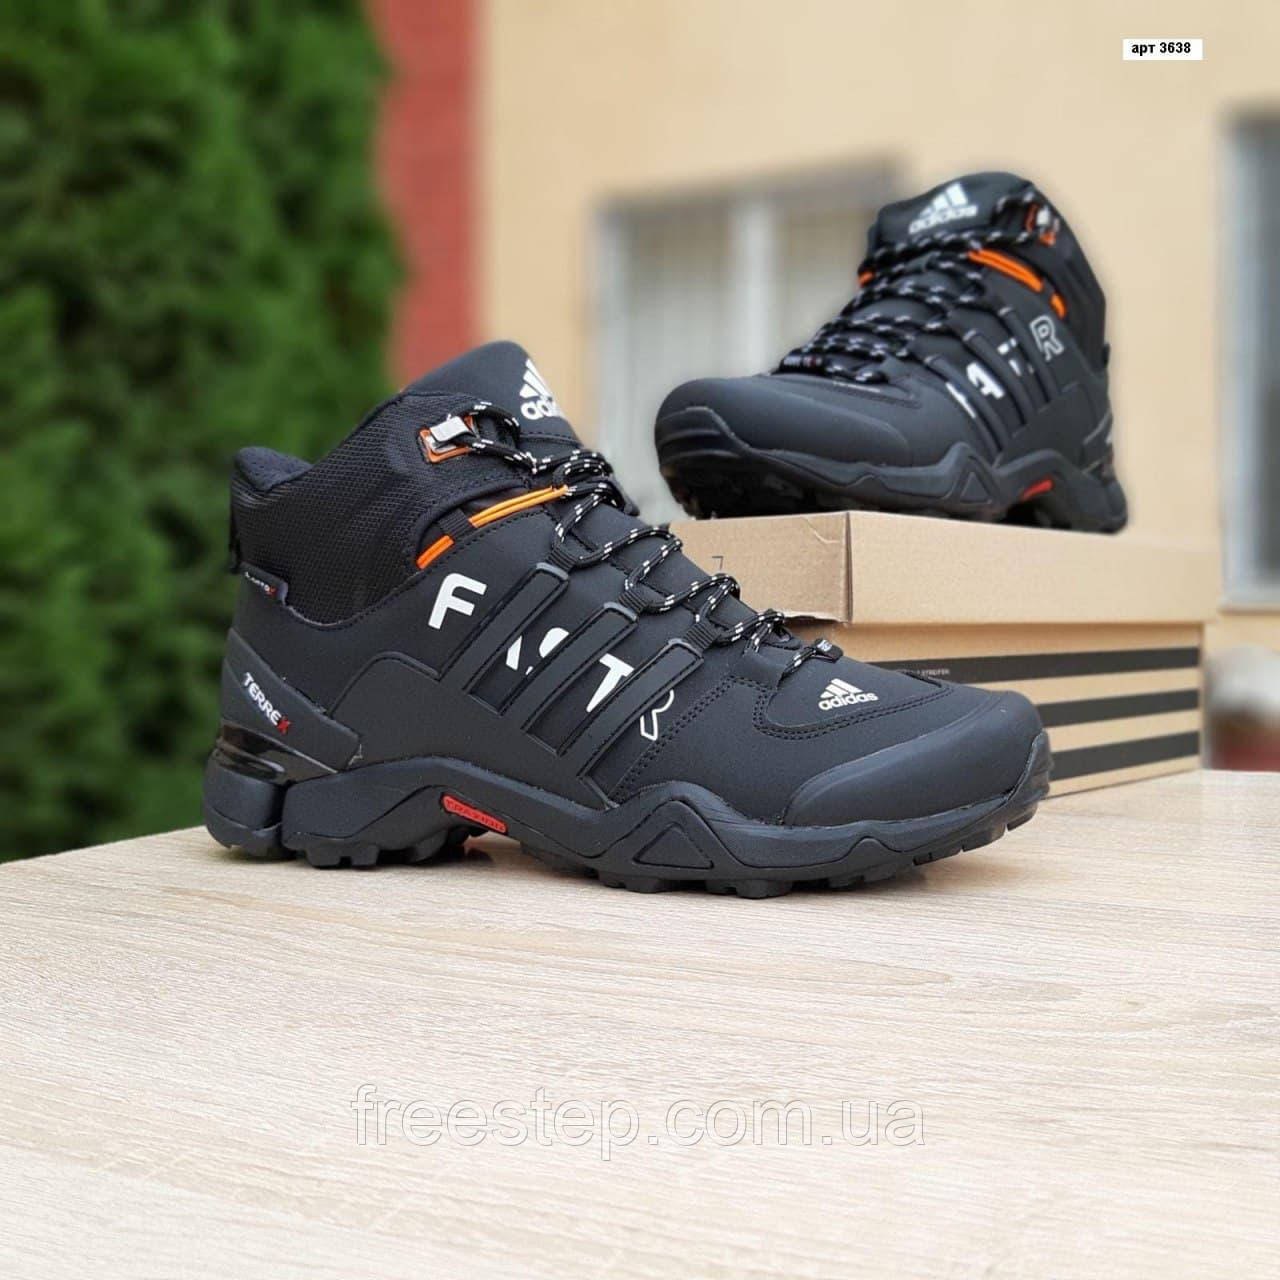 Чоловічі зимові кросівки FASTR чорні з помаранчевим